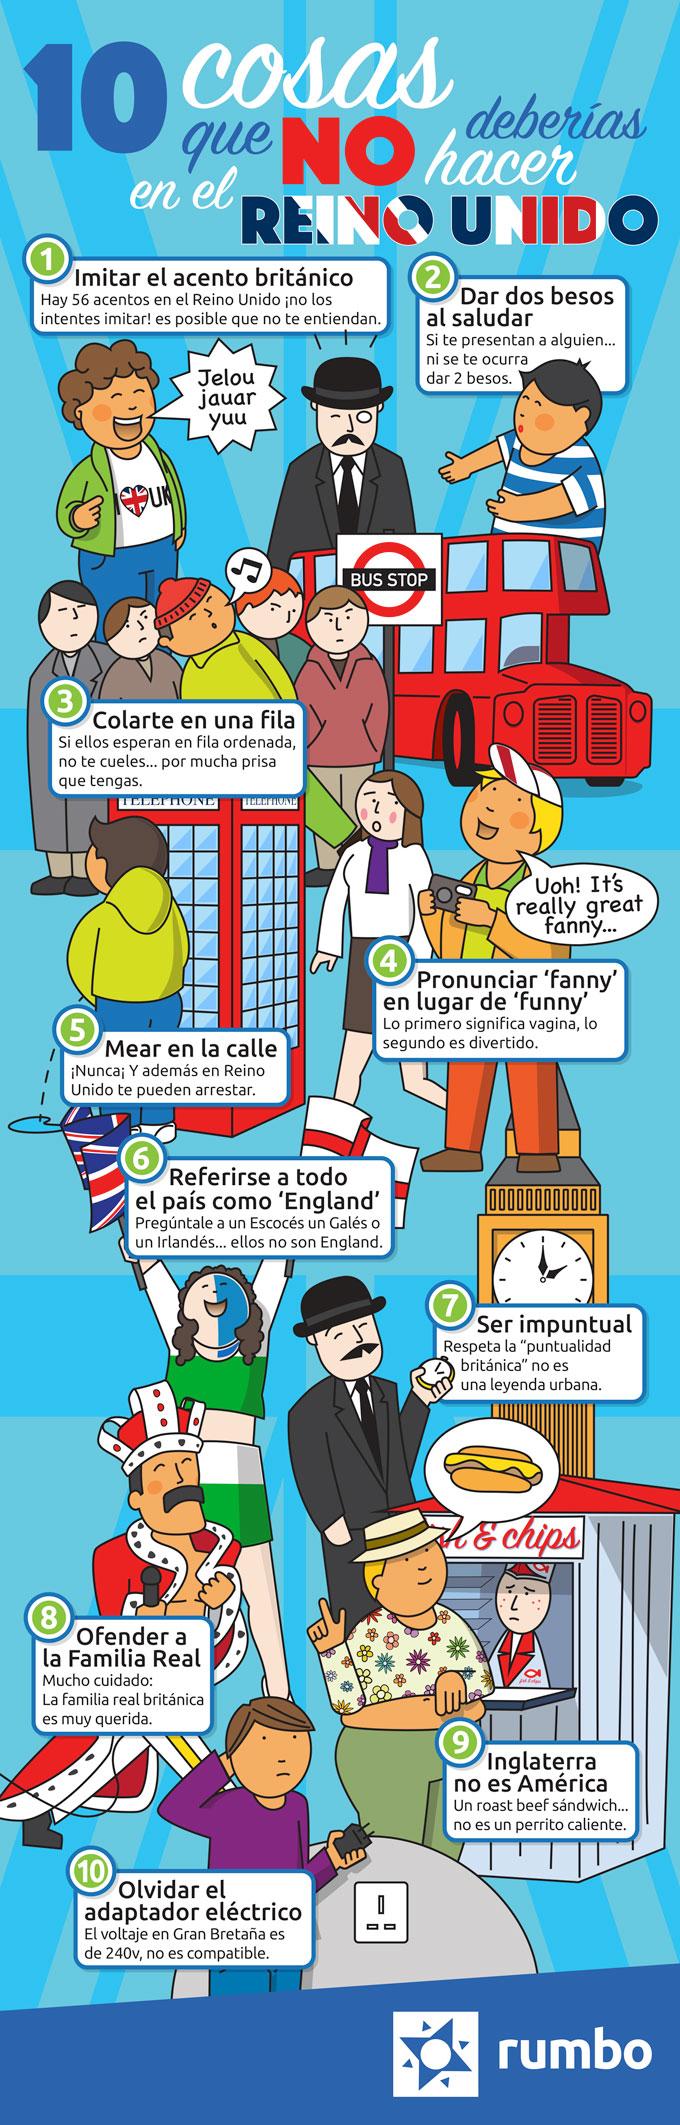 10 cosas que no deberías hacer en el Reino Unido